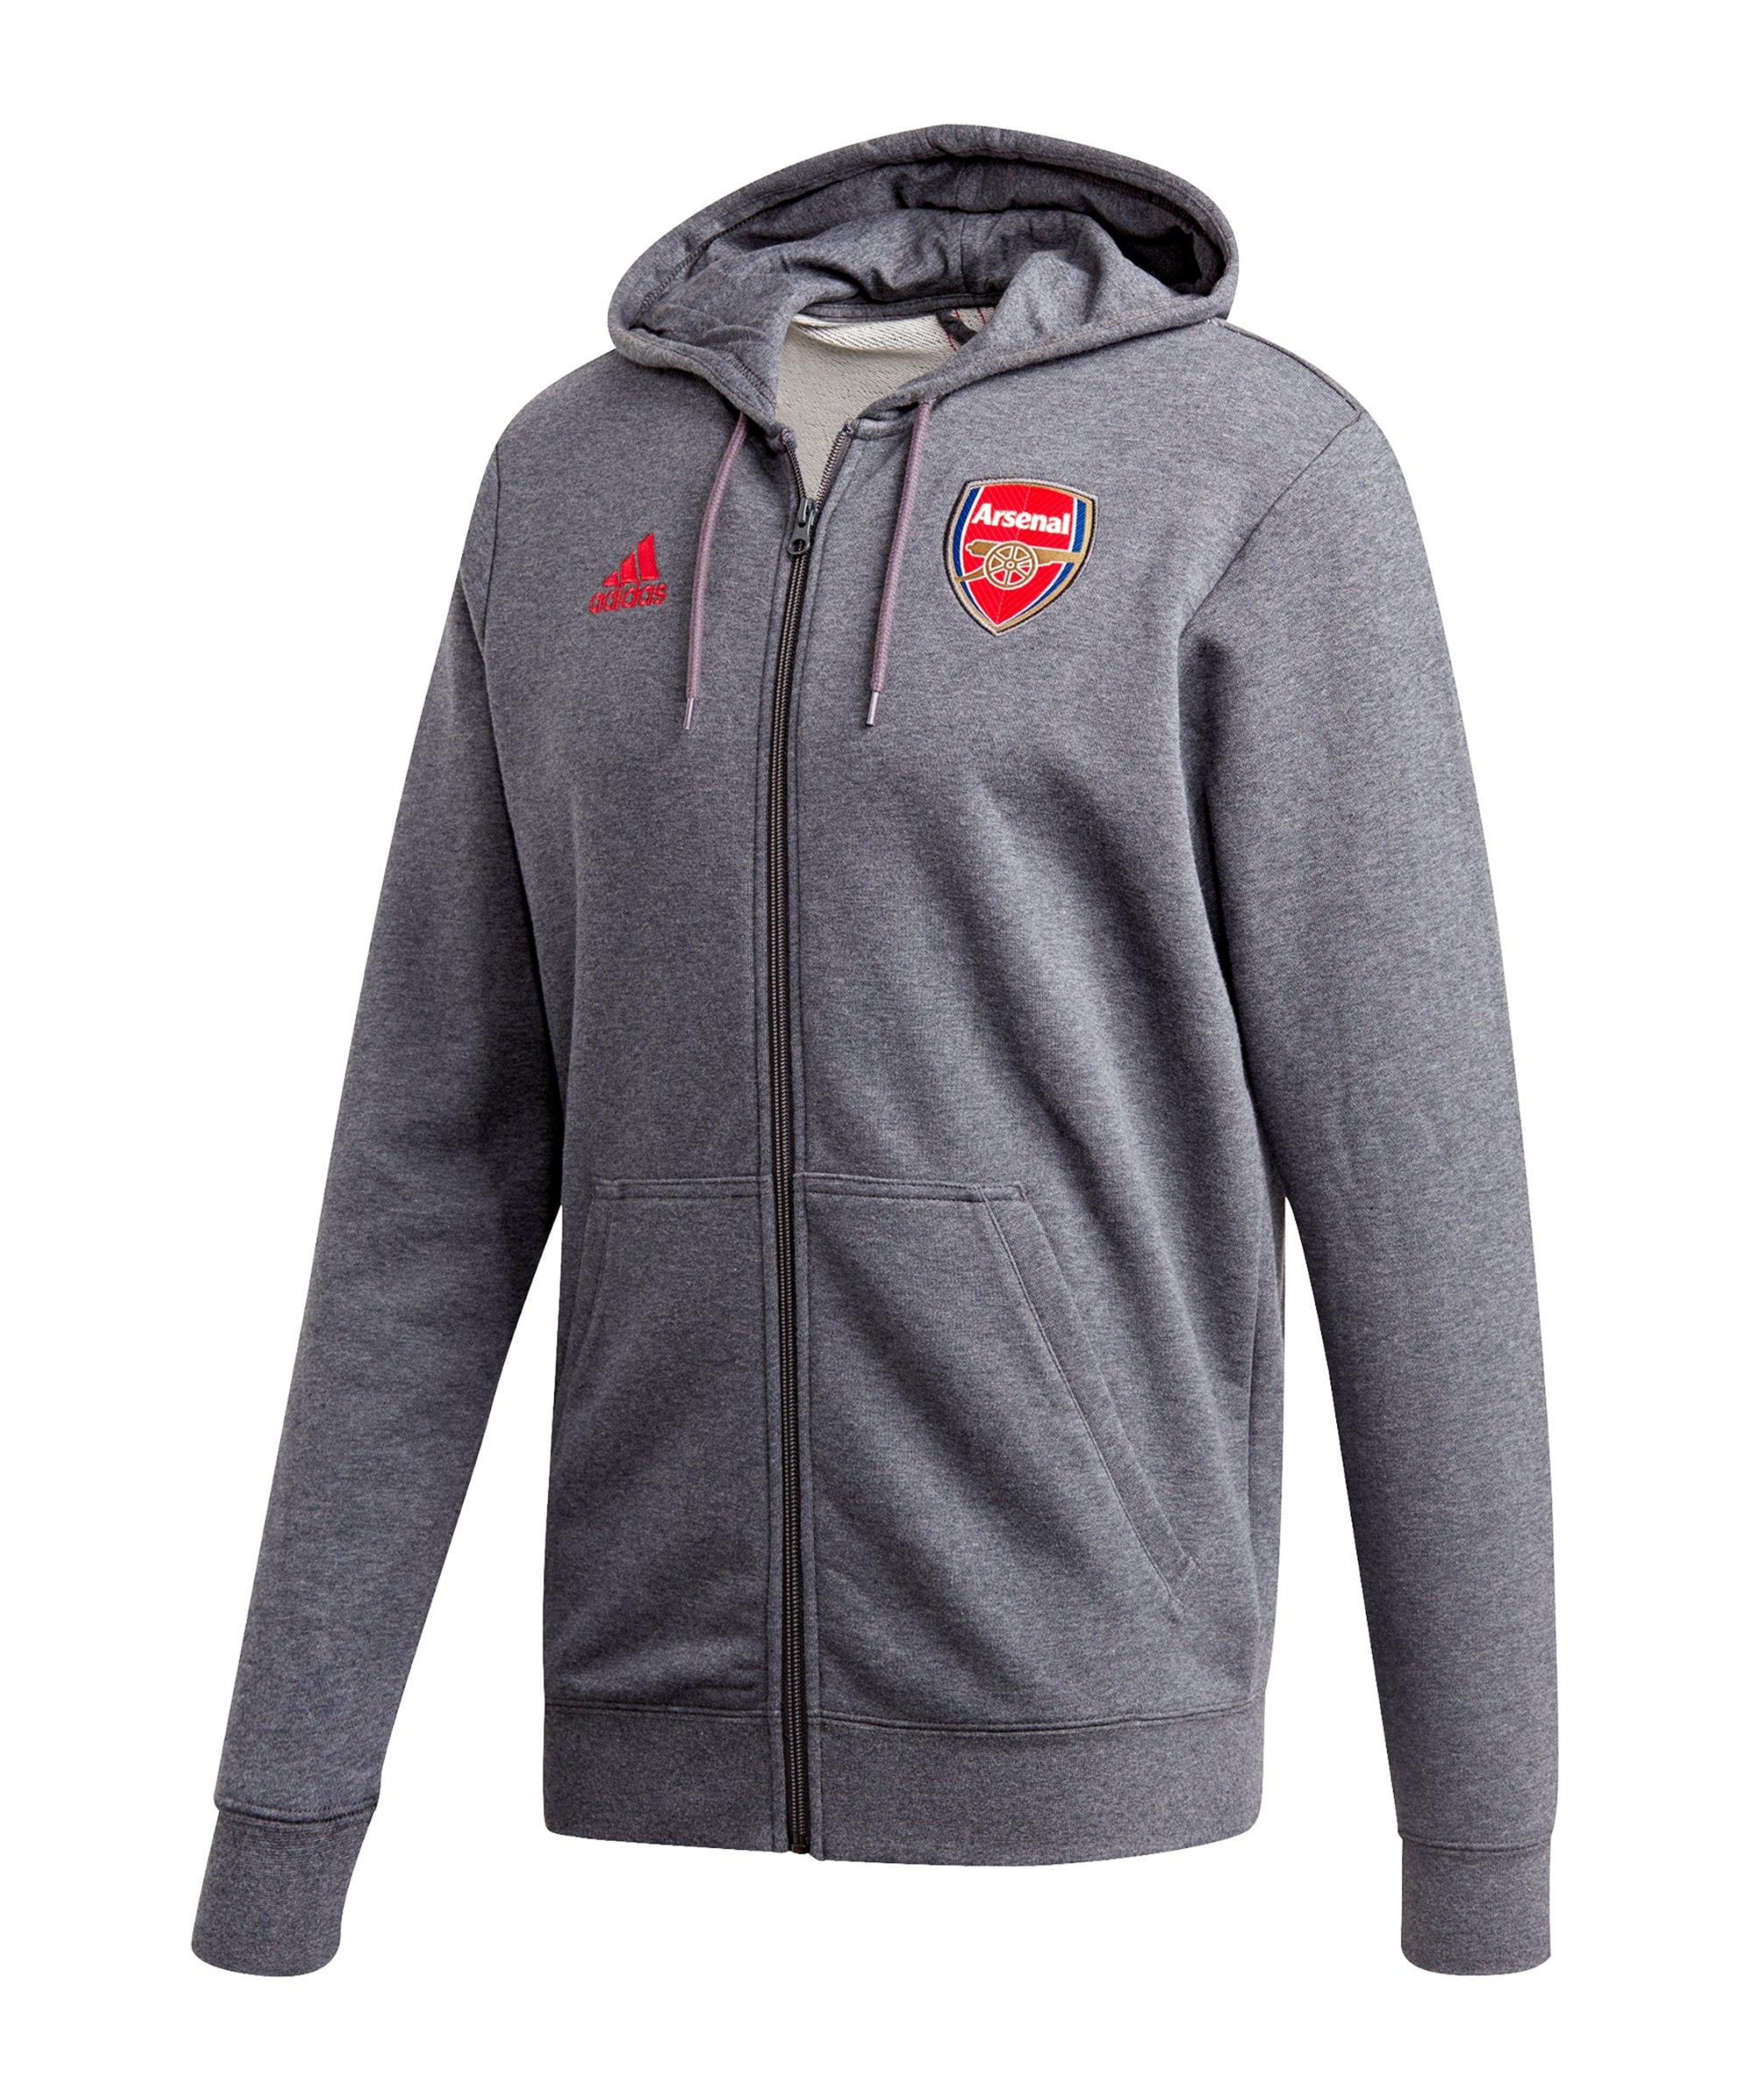 adidas FC Arsenal London 3S Kapuzenjacke Grau - grau